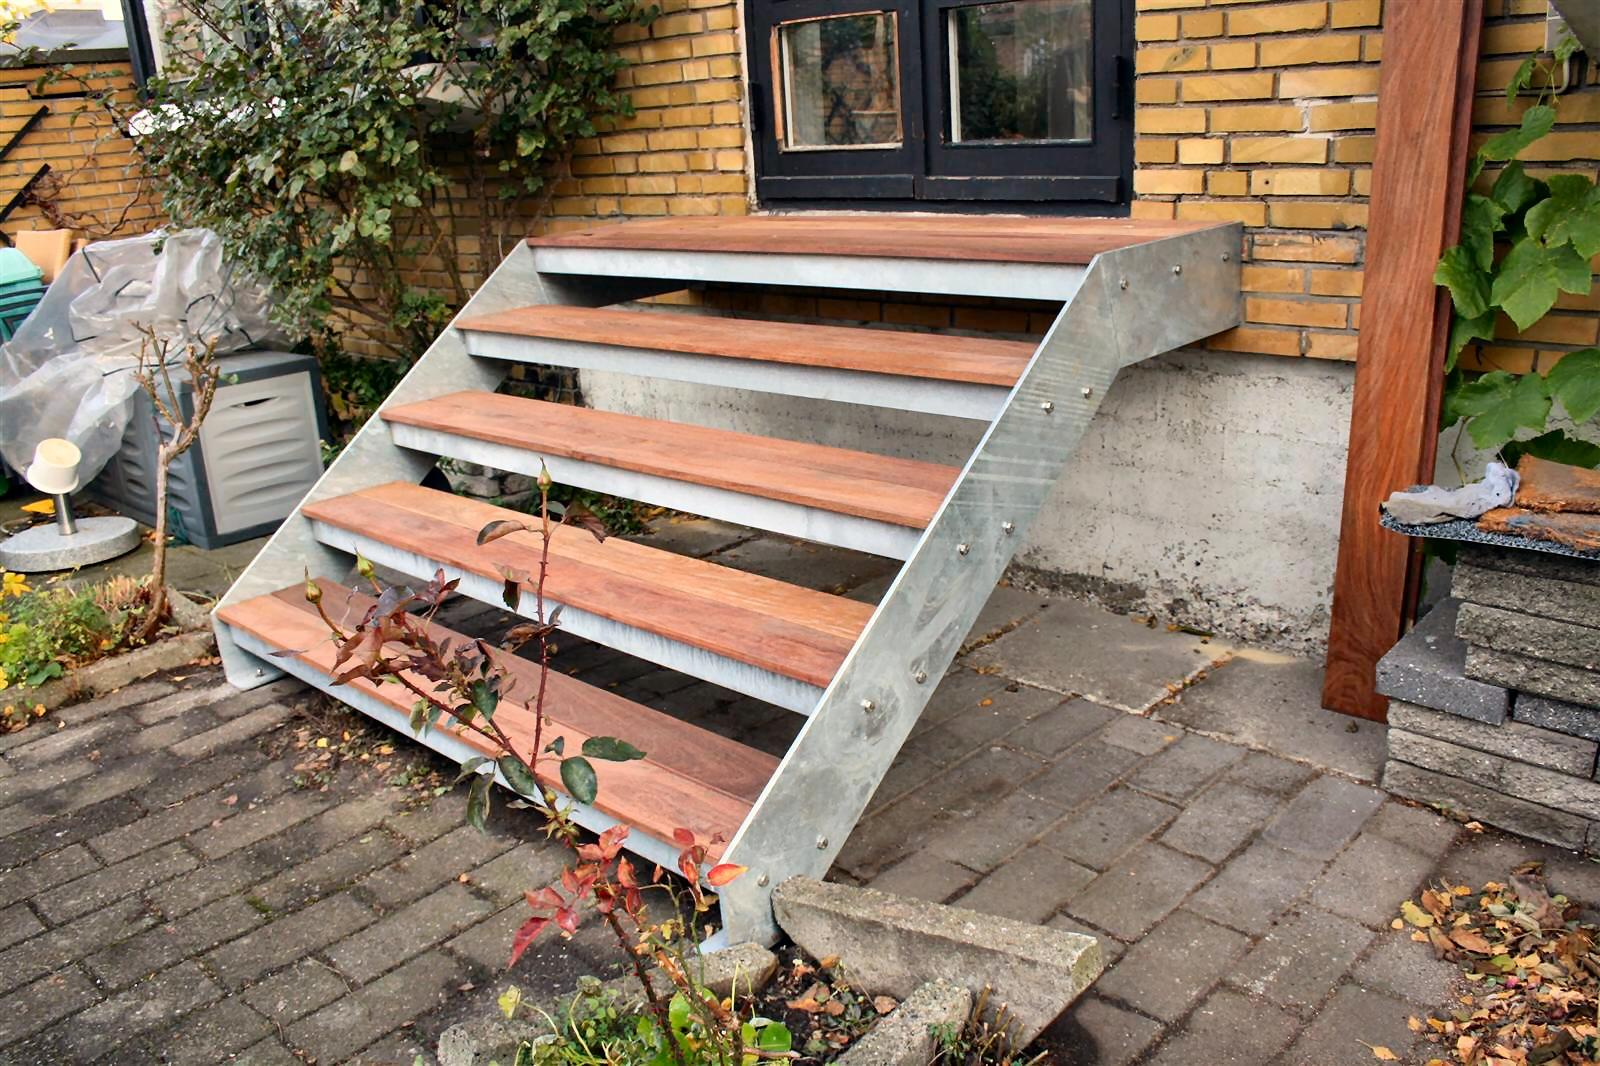 Terrassetrappe,Udendørs ståltrappe,galvaniseret,terrasse-trappe,m ...